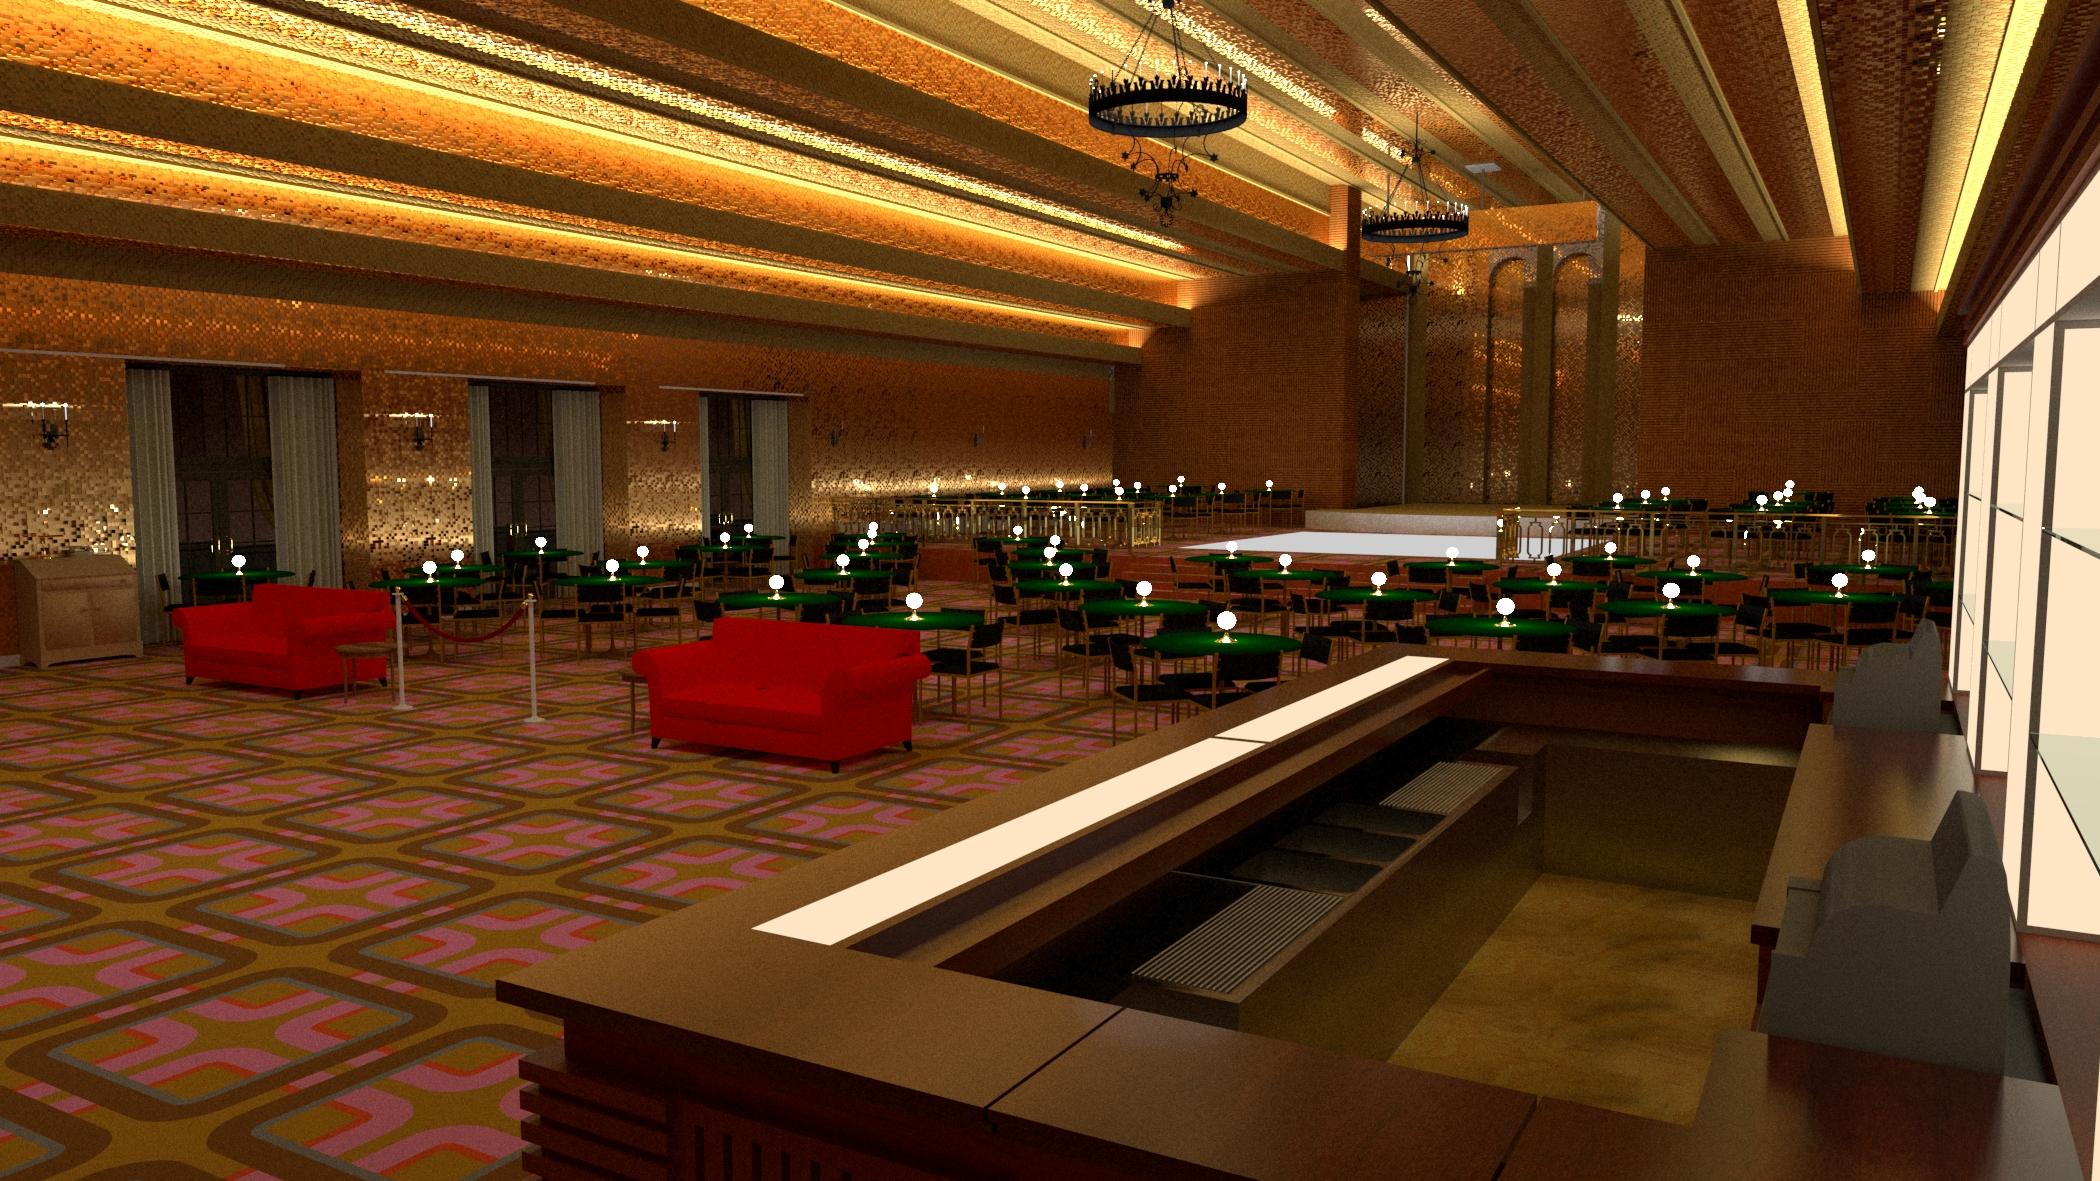 The Goldroom bar